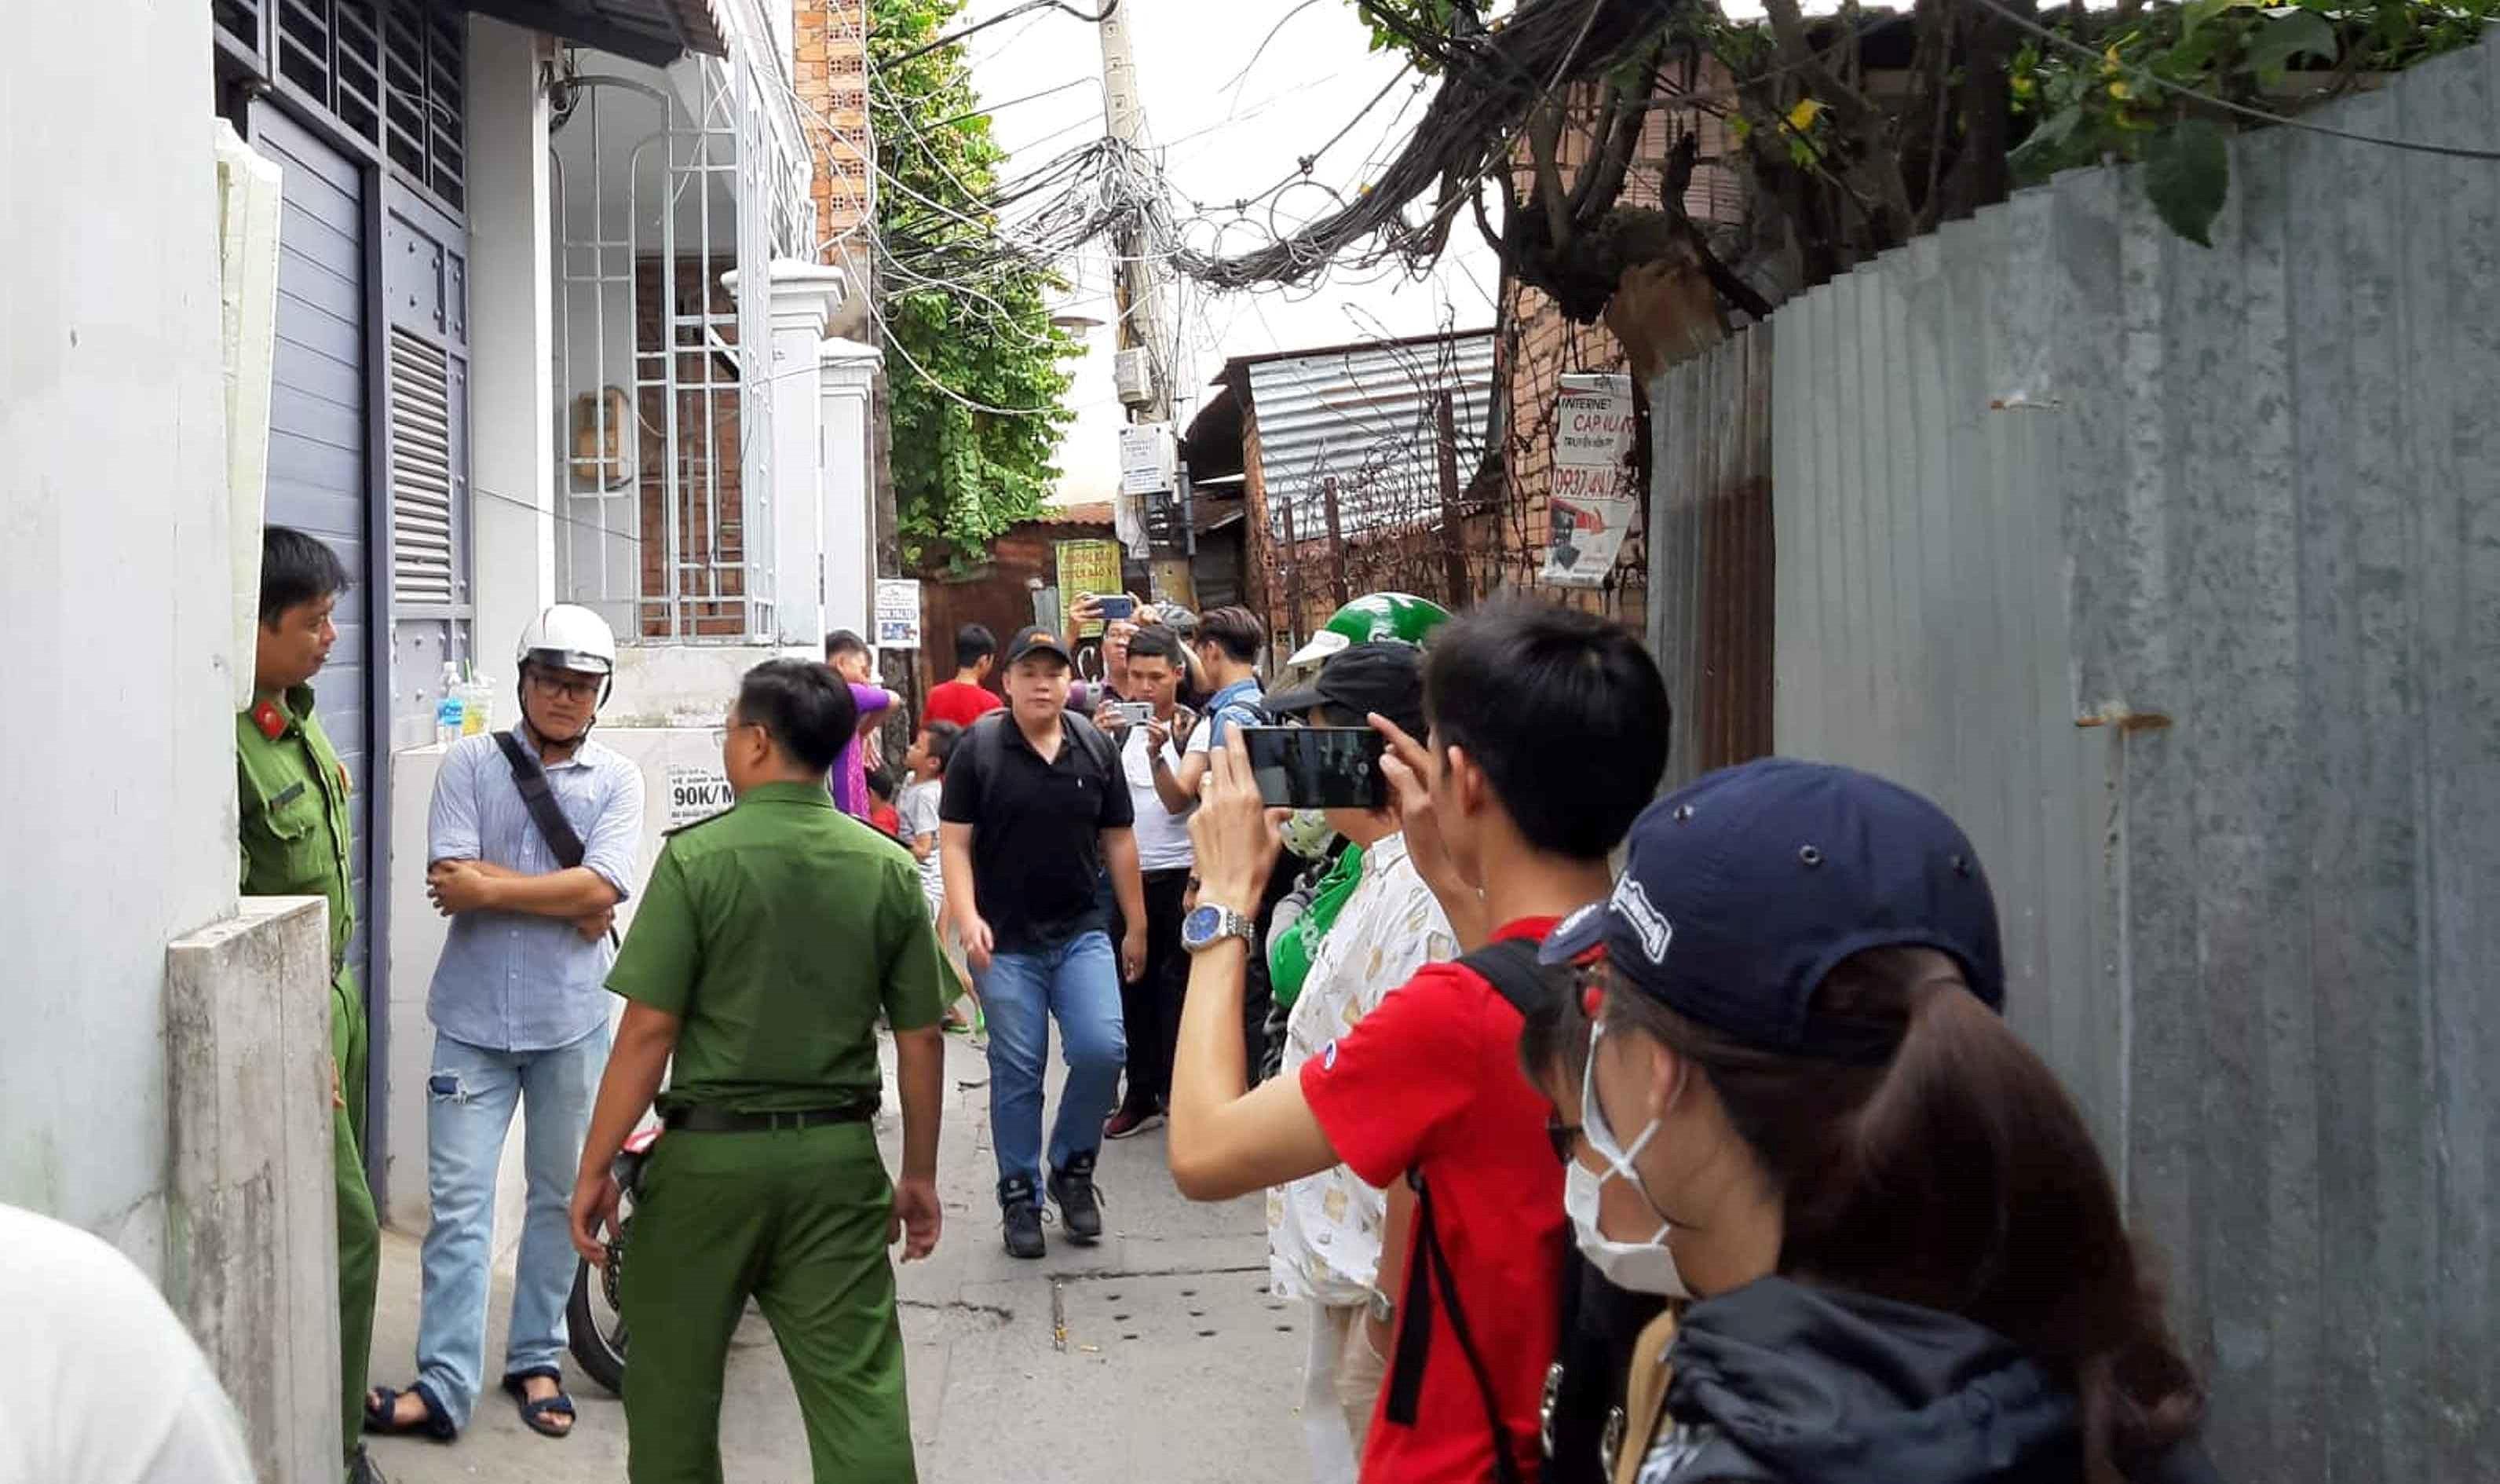 Xác định được nghi can vụ nữ sinh 19 tuổi bị sát hại ở Sài Gòn Ảnh 3